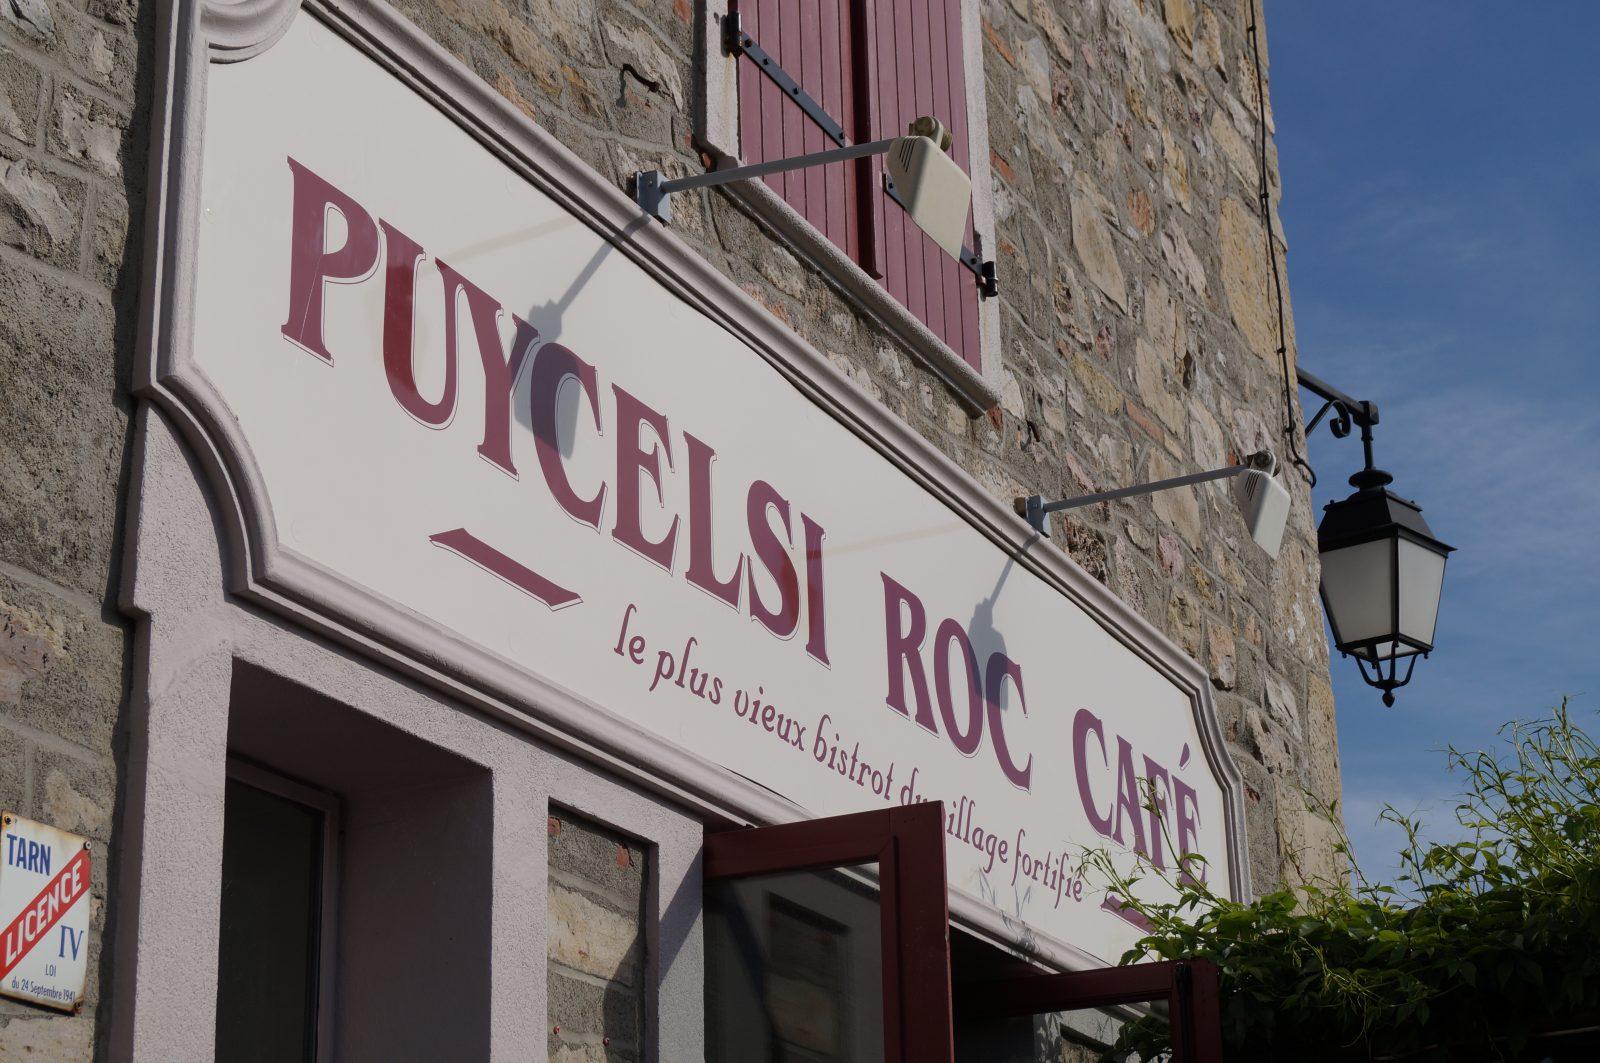 Puycelsi Roc Café, le plus vieux bistrot du village fortifié